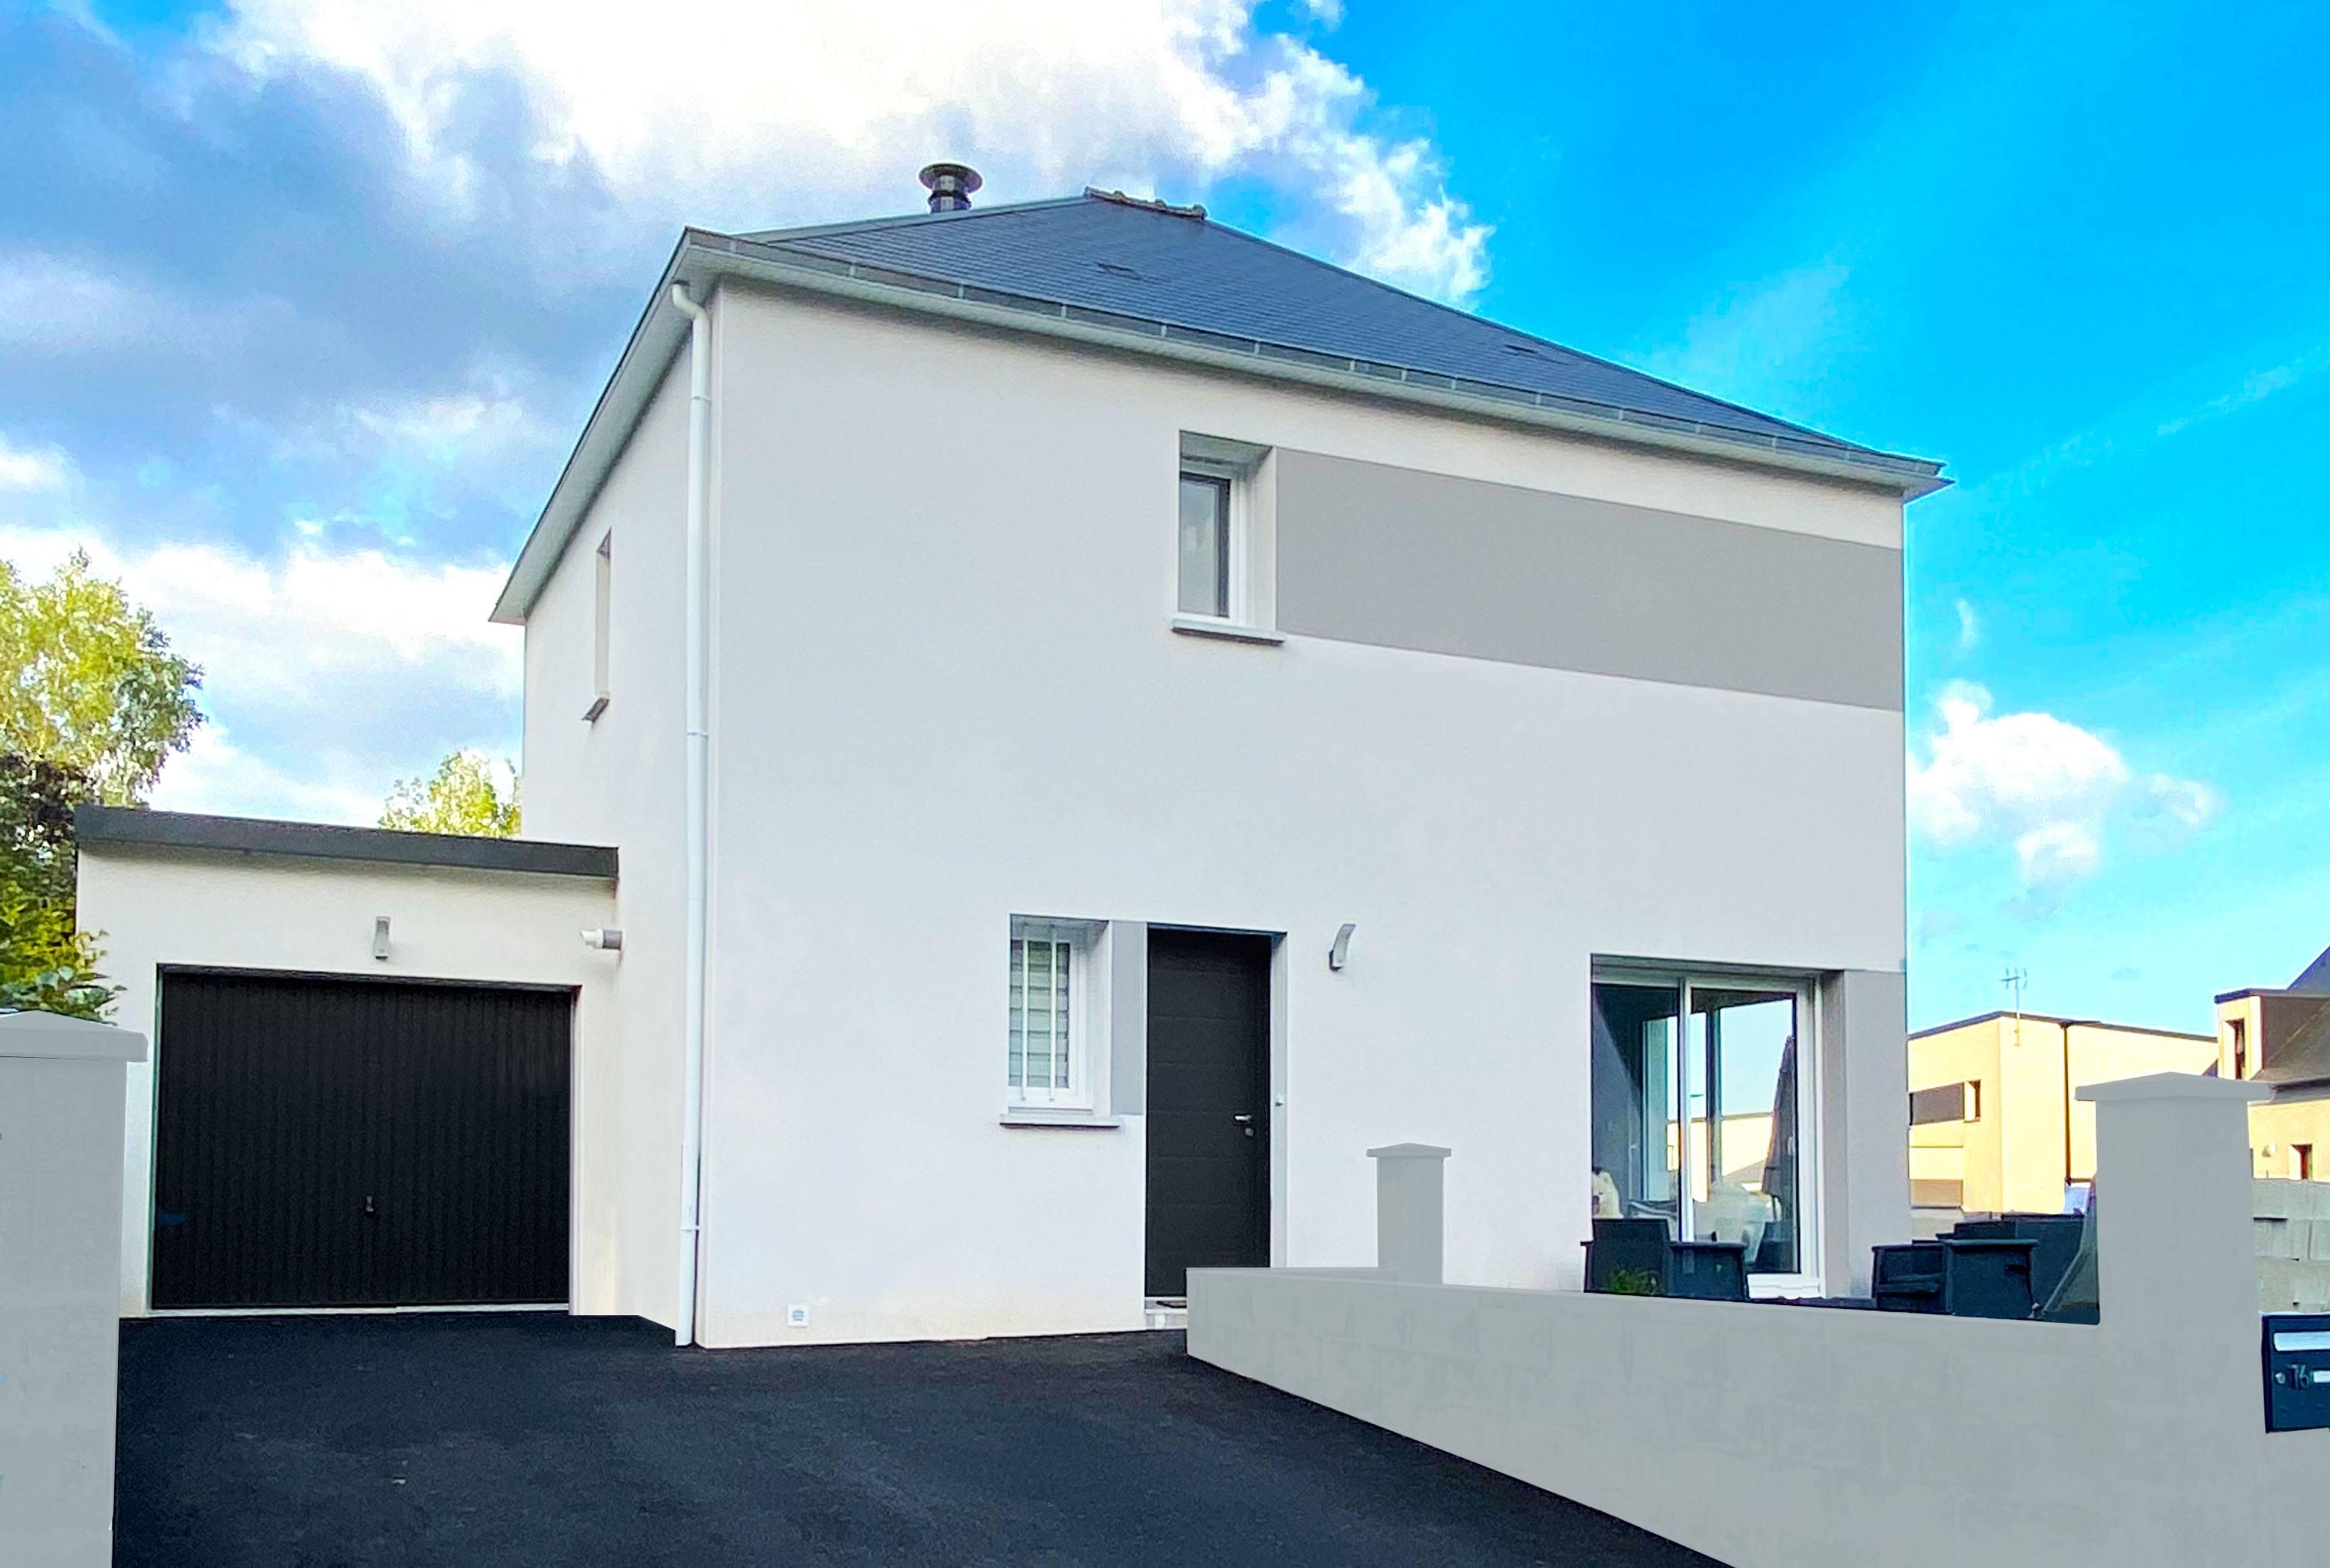 maisons-avenir-constructeur-maison-portes-ouvertes-batiactiv-ecologique-PontScorff-Lorient